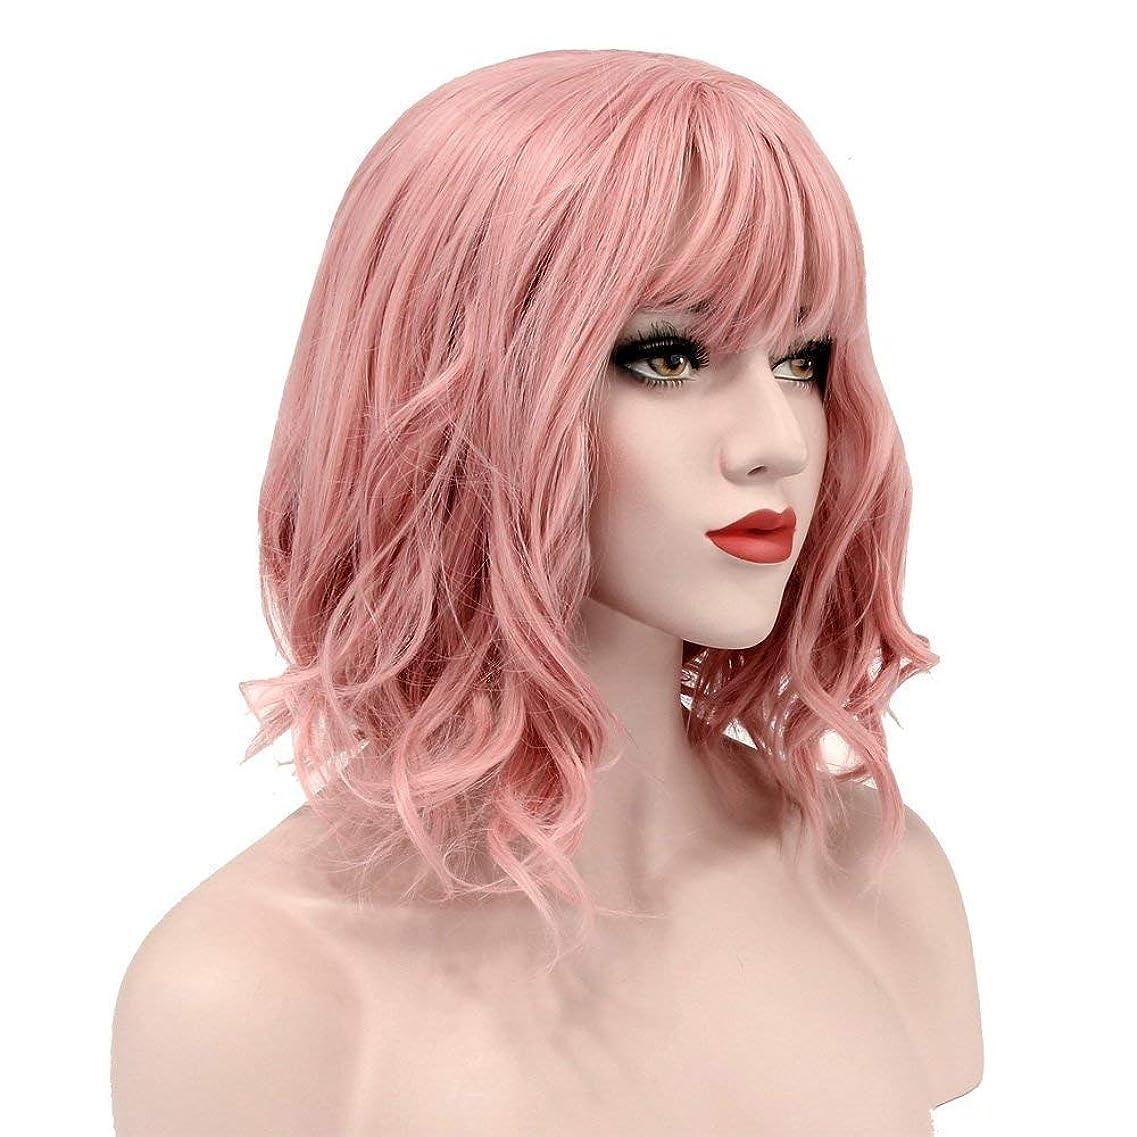 おめでとうテセウスパニック女性のための耐熱性高密度のコスプレ自然な髪型のためのかつらロングウェーブ合成かつら